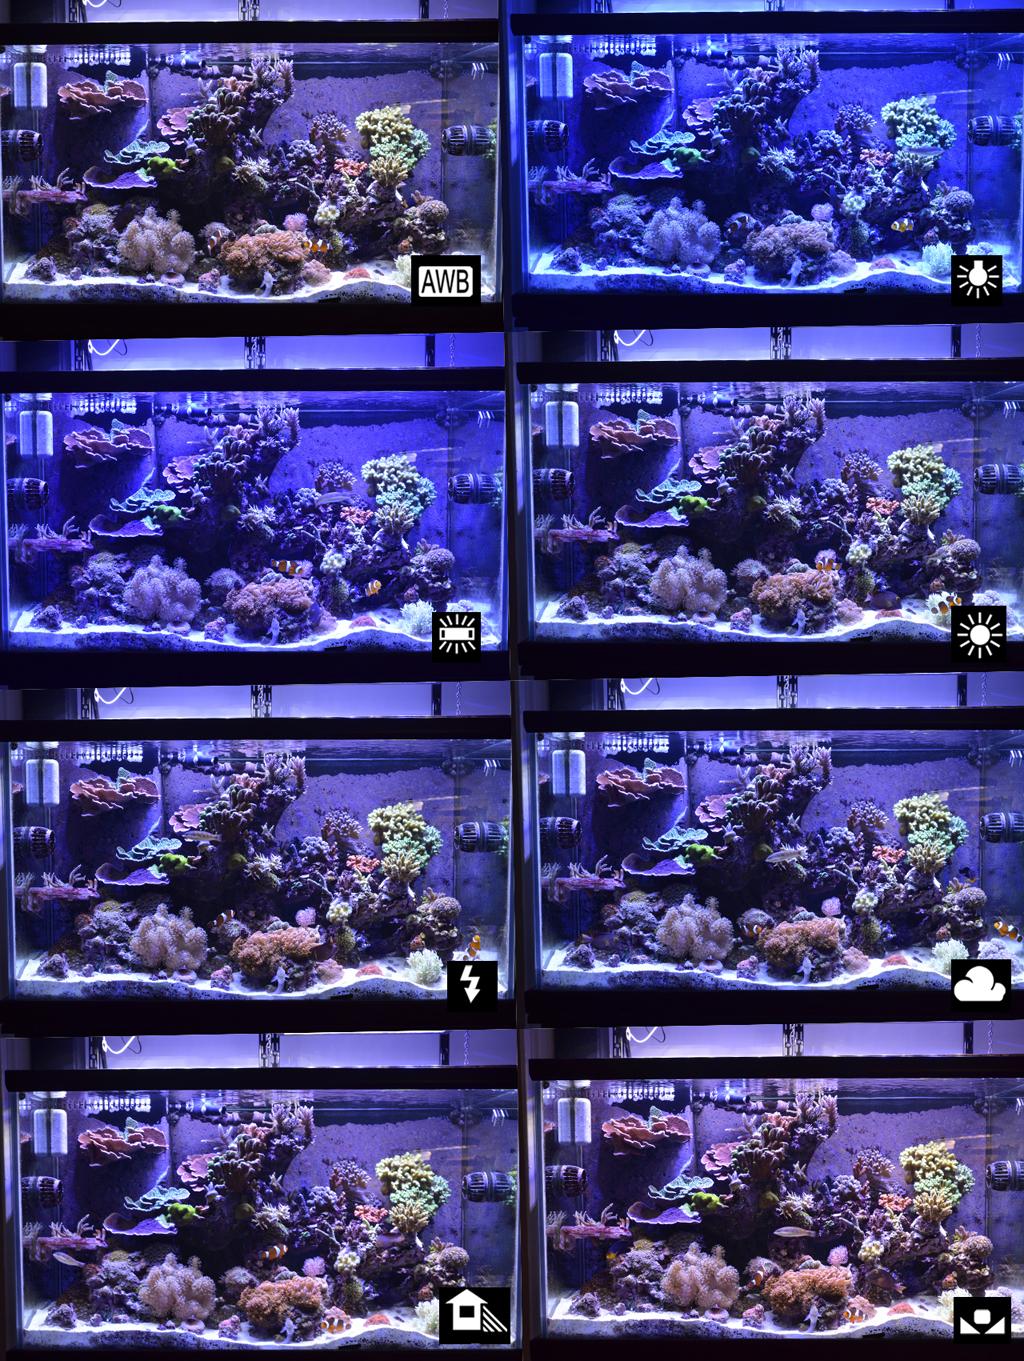 saltwater fish tank setup guide